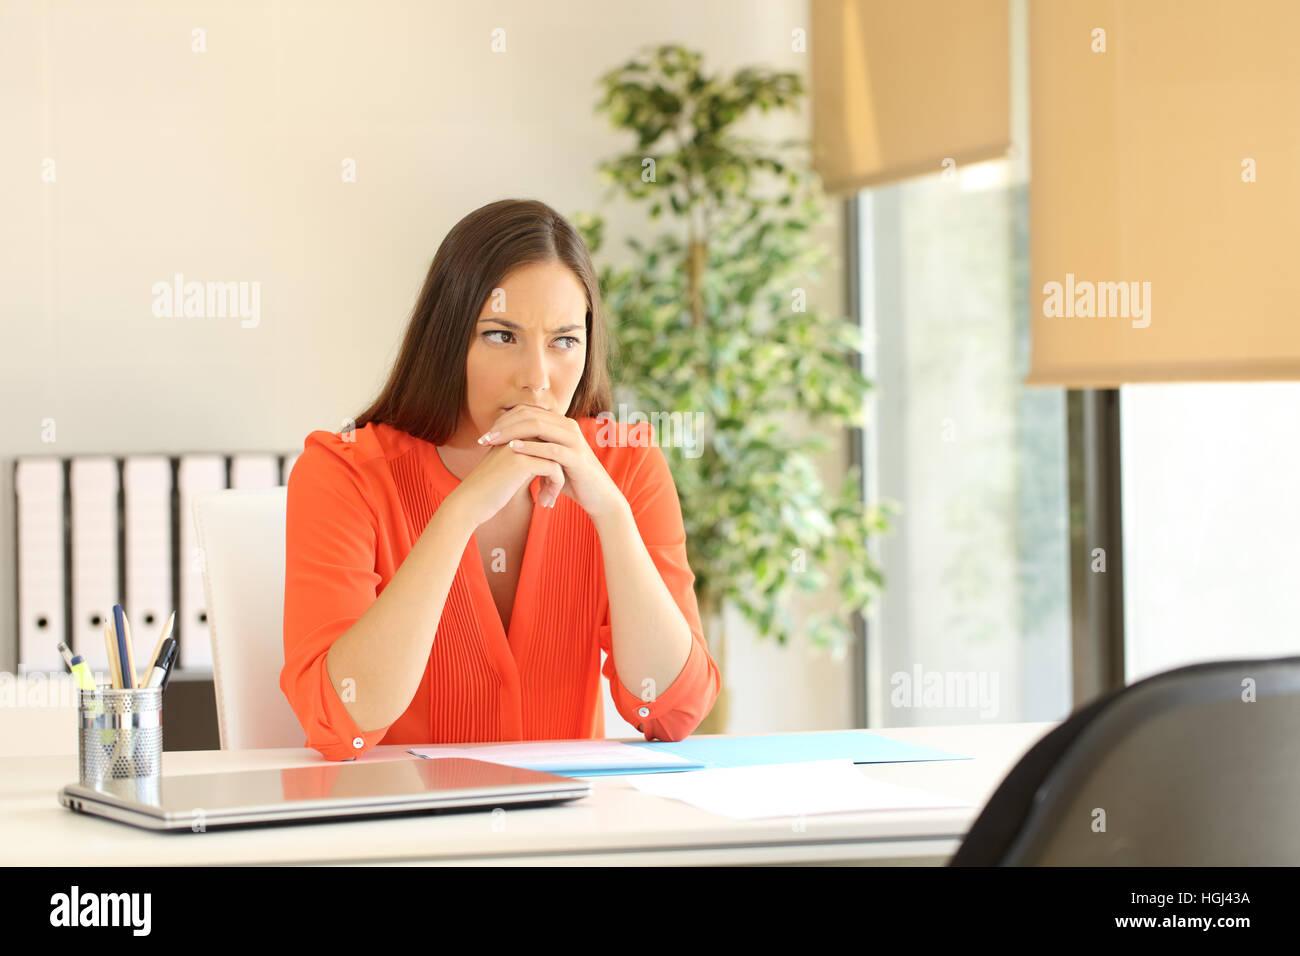 Femme sérieuse et nerveux en attente de l'interviewer pendant une entrevue d'emploi dans un bureau Photo Stock